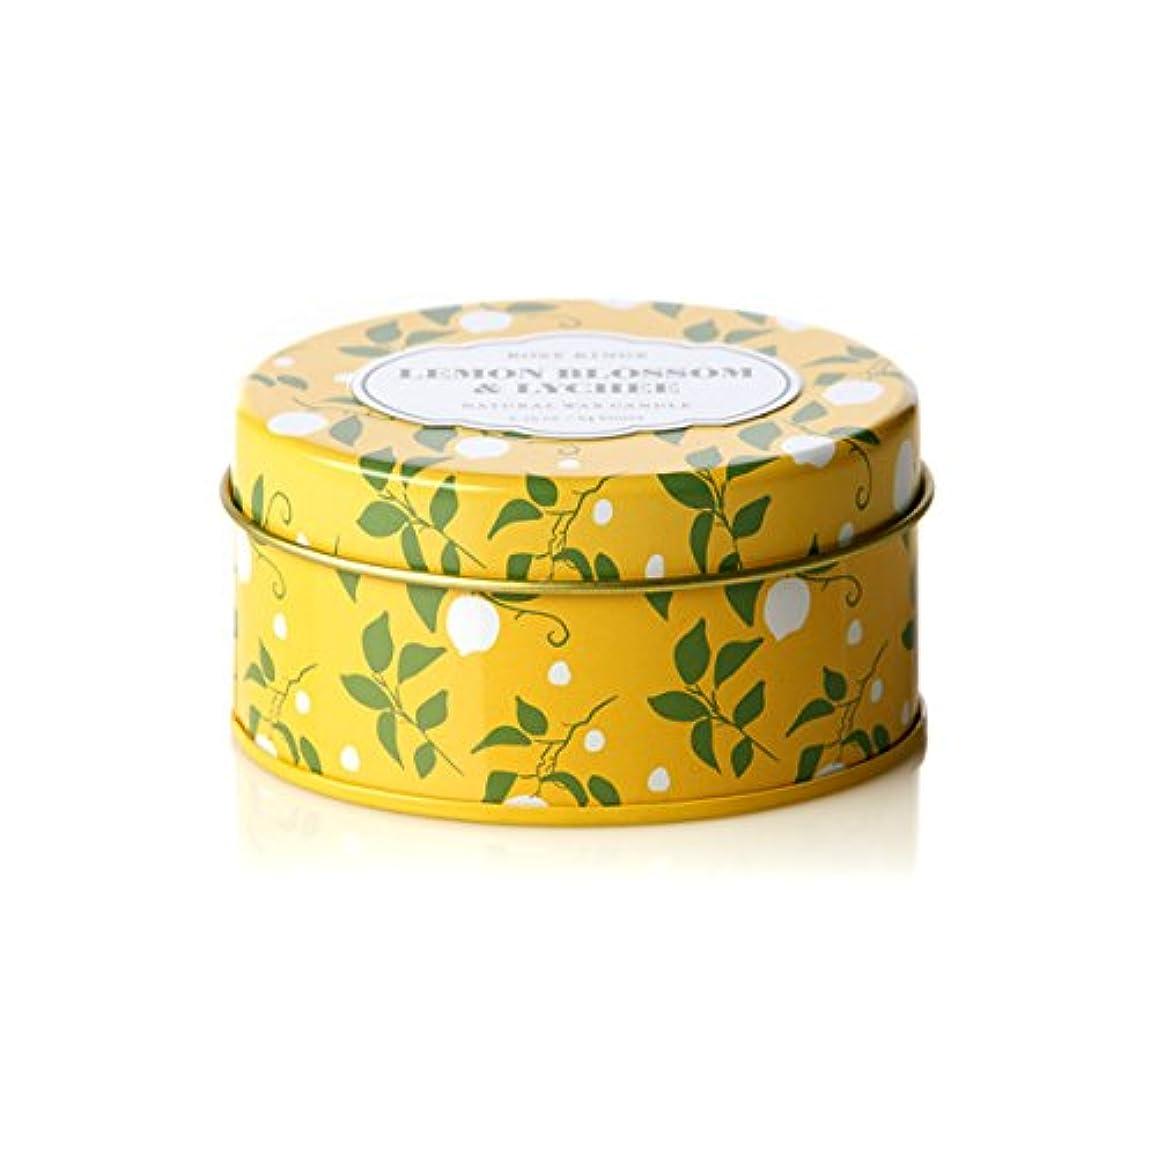 ラッシュ女将忘れるロージーリングス トラベルティンキャンドル レモンブロッサム&ライチ ROSY RINGS Lemon Blossom & Lychee Travel Tin